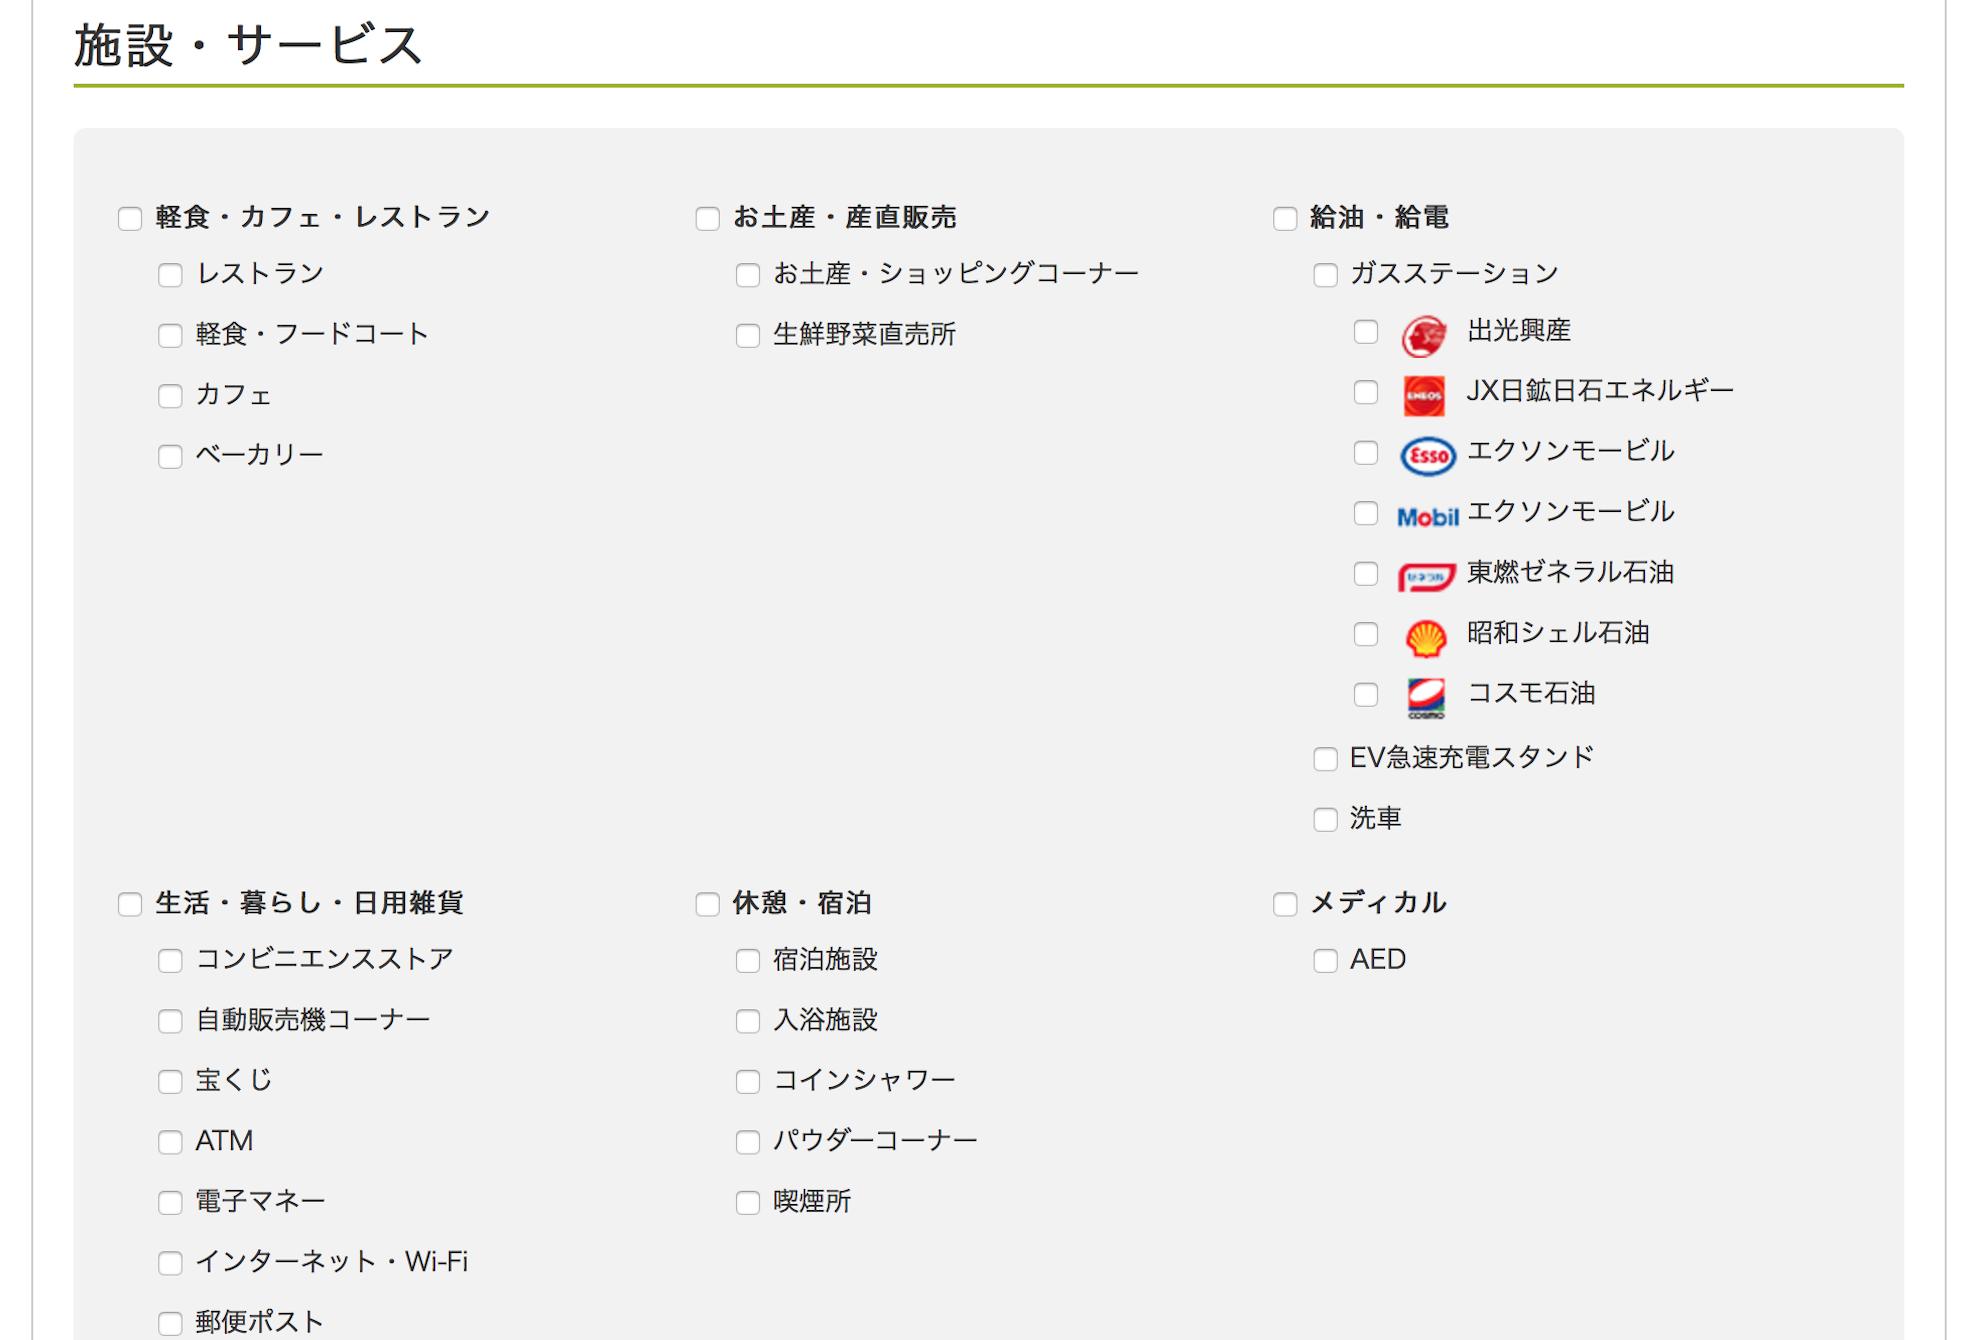 ドラぷら検索画面施設サービスをチェック